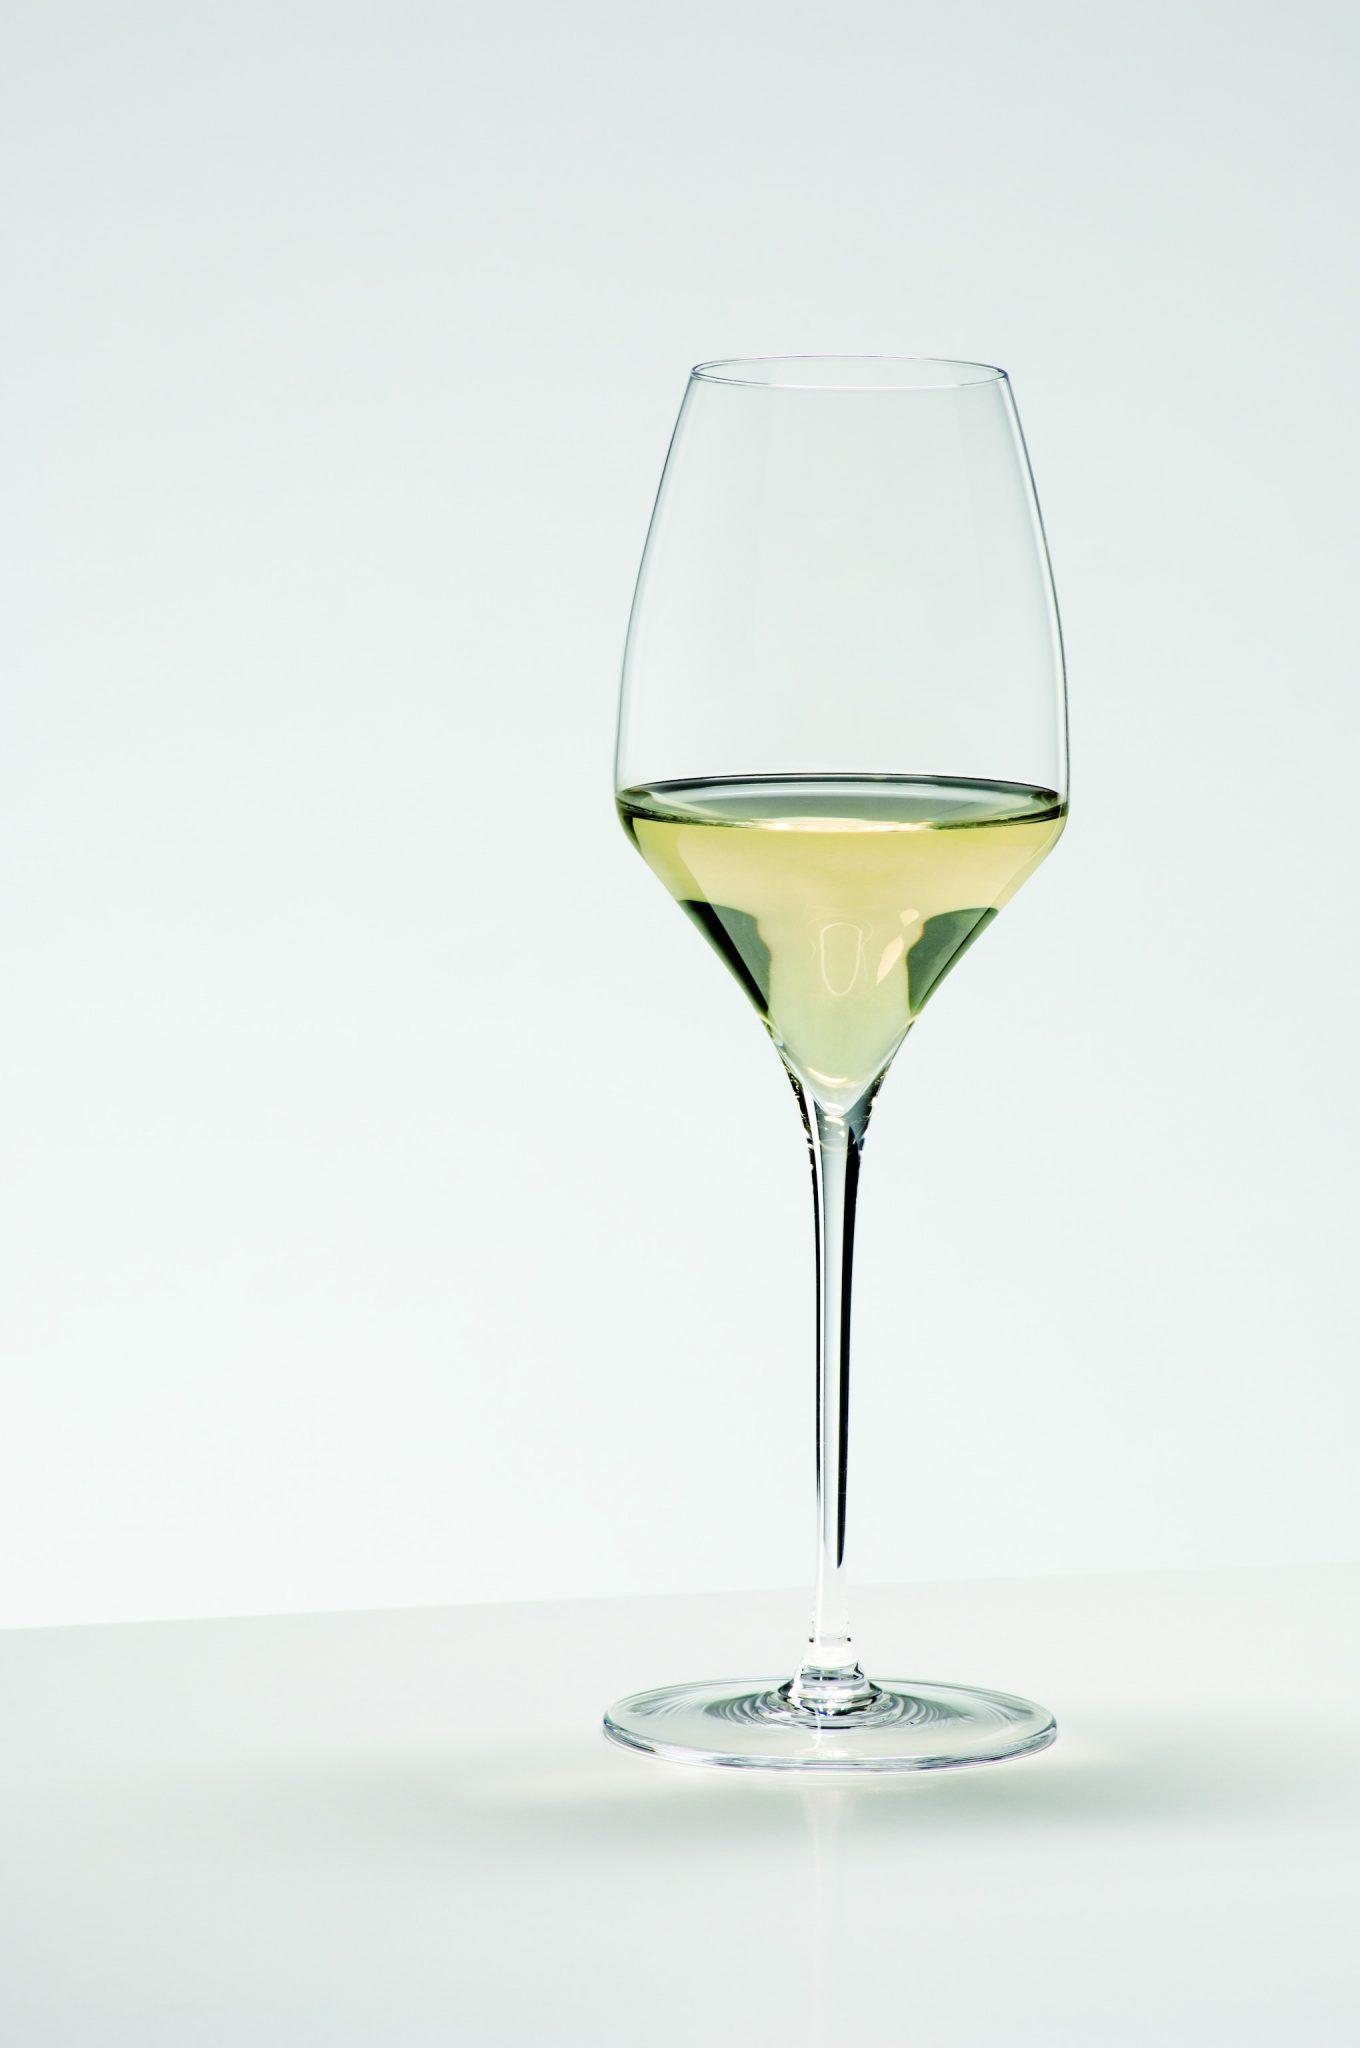 Champagnerglas - die Tulpe